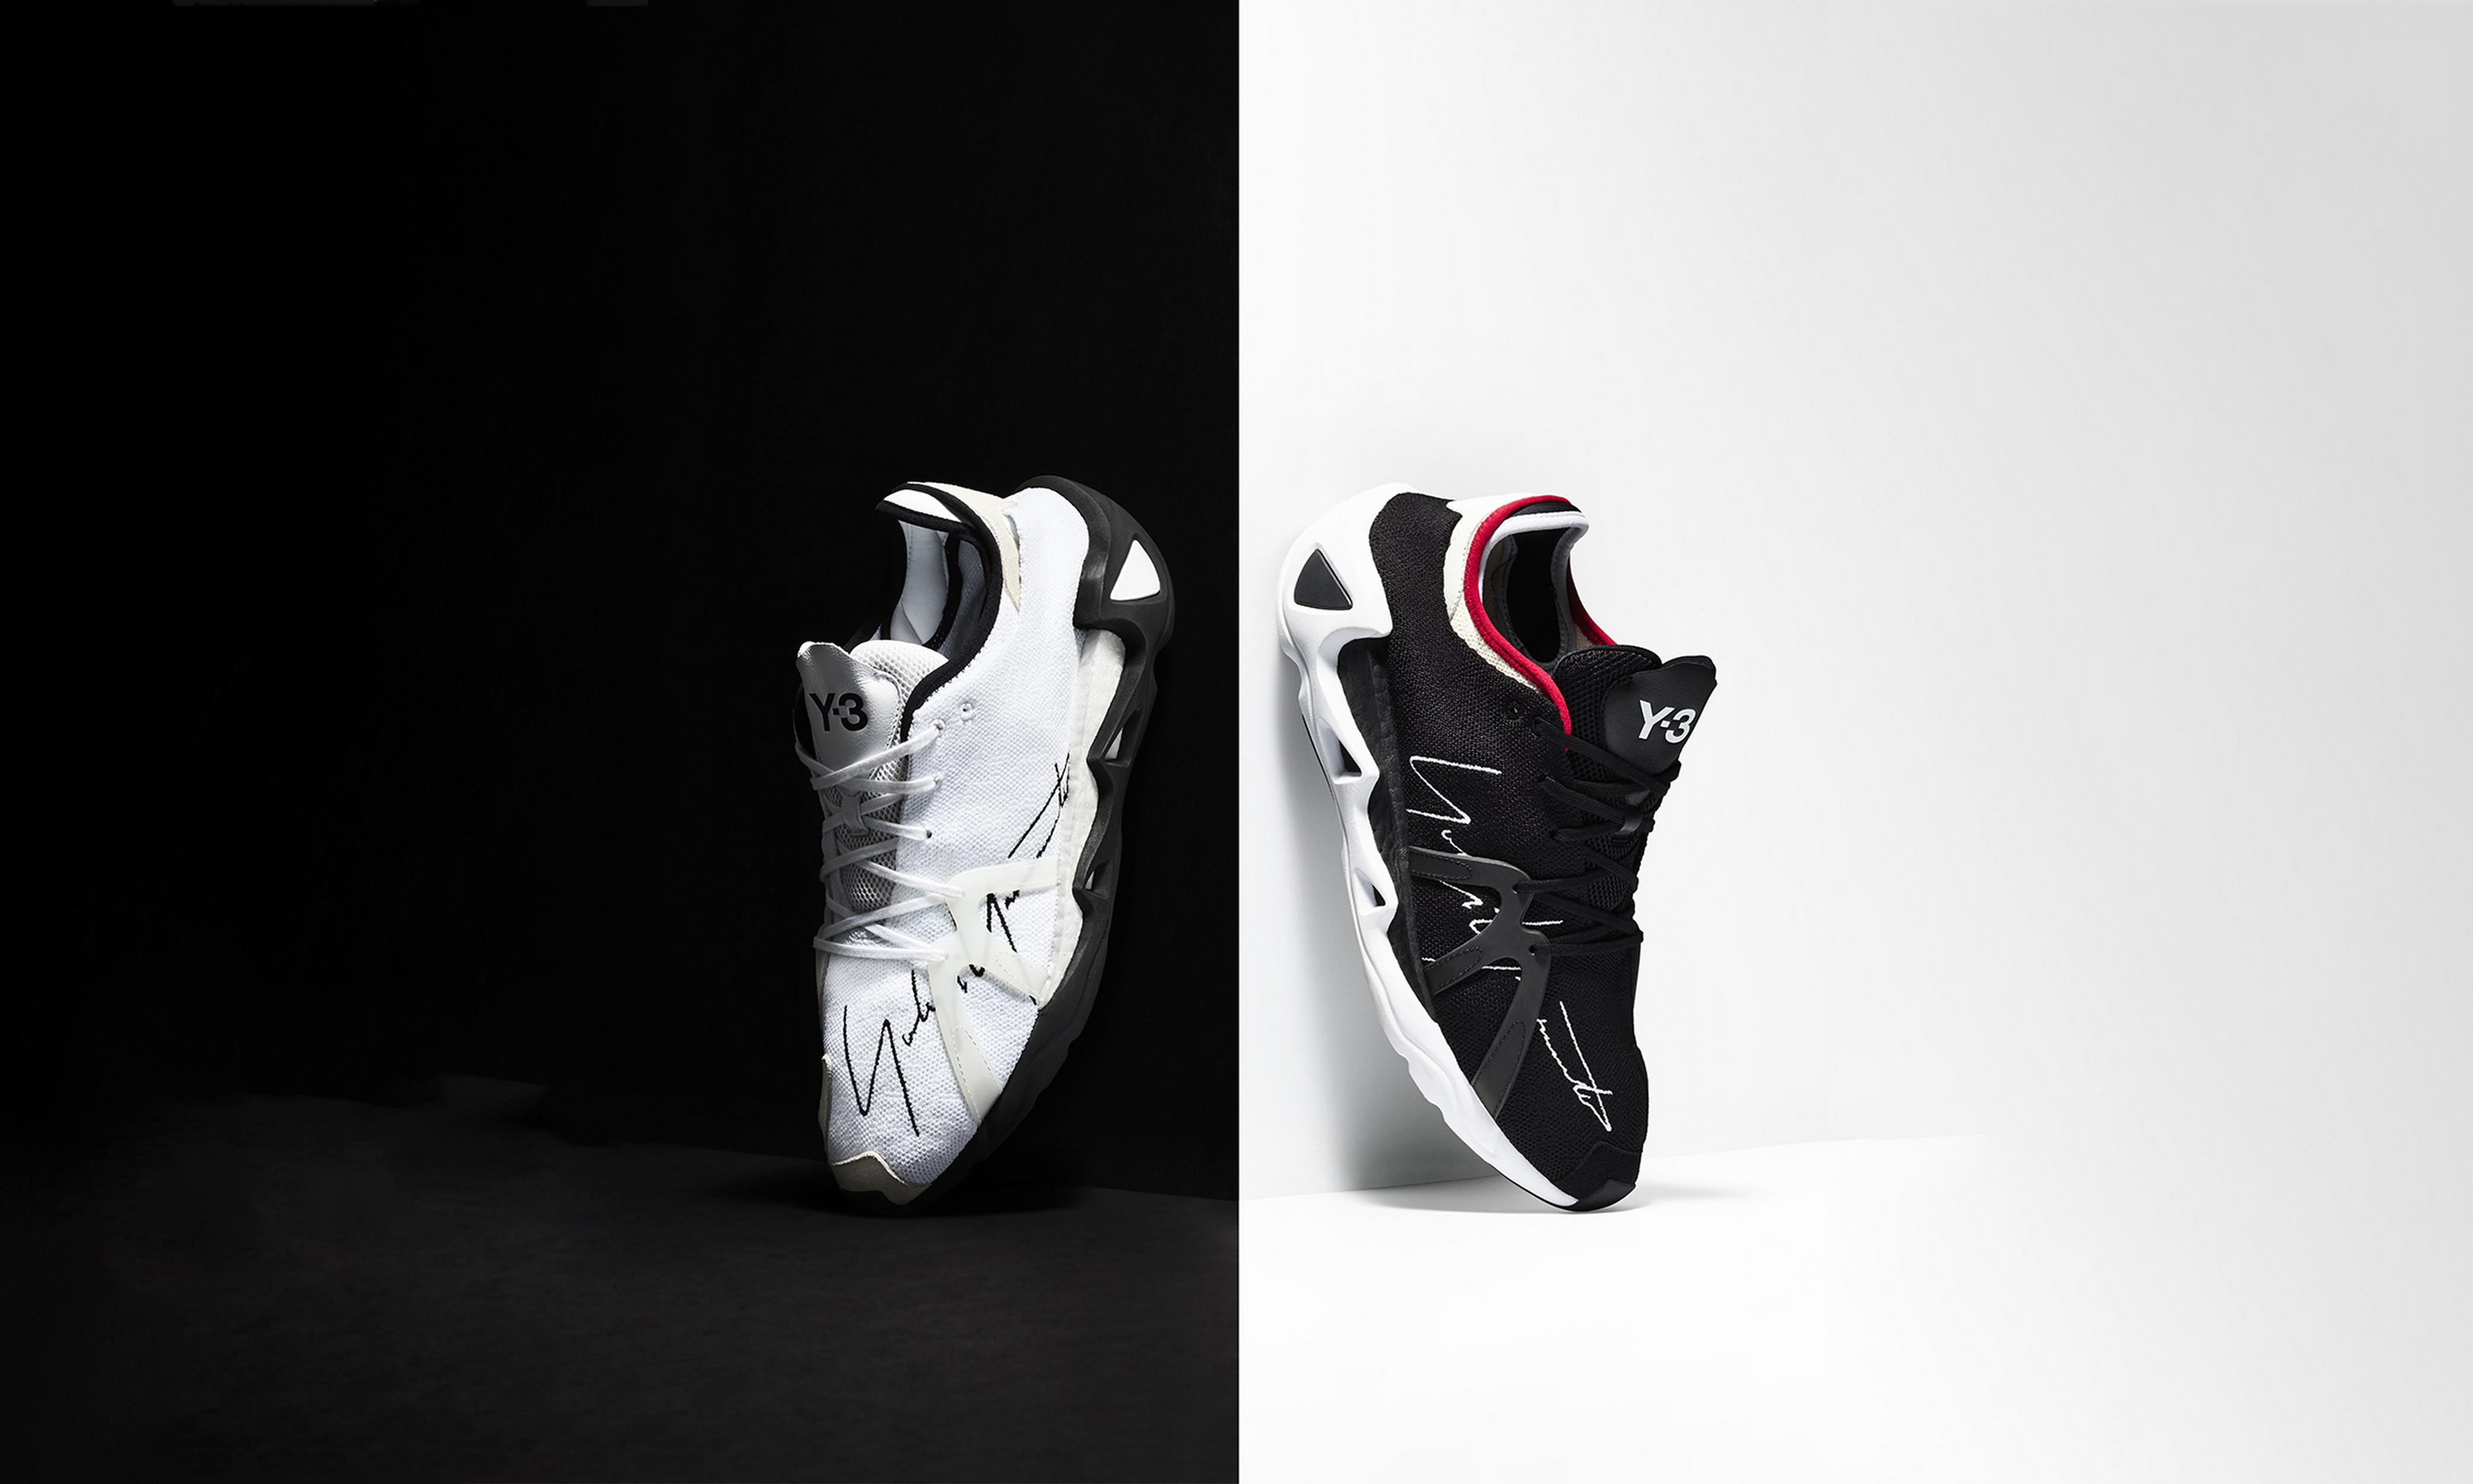 山本耀司重塑 adidas 经典鞋款,推出 Y-3 FYW S-97